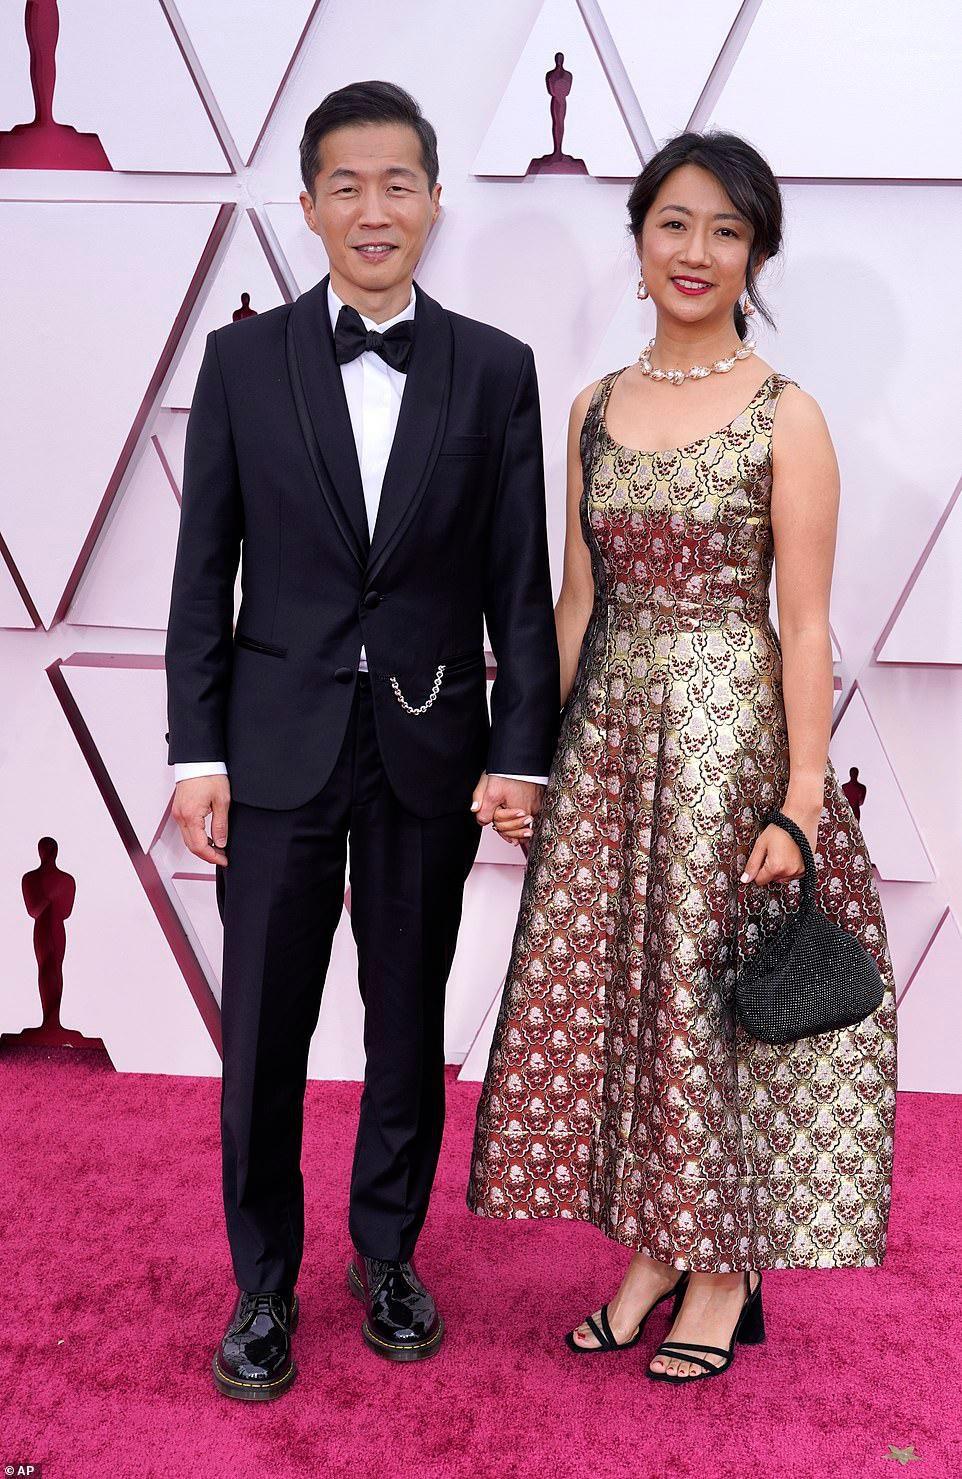 Thảm đỏ Oscar 2021: Sao Hàn đầu tiên ẵm giải Nữ phụ xuất sắc nhất - hình ảnh 2